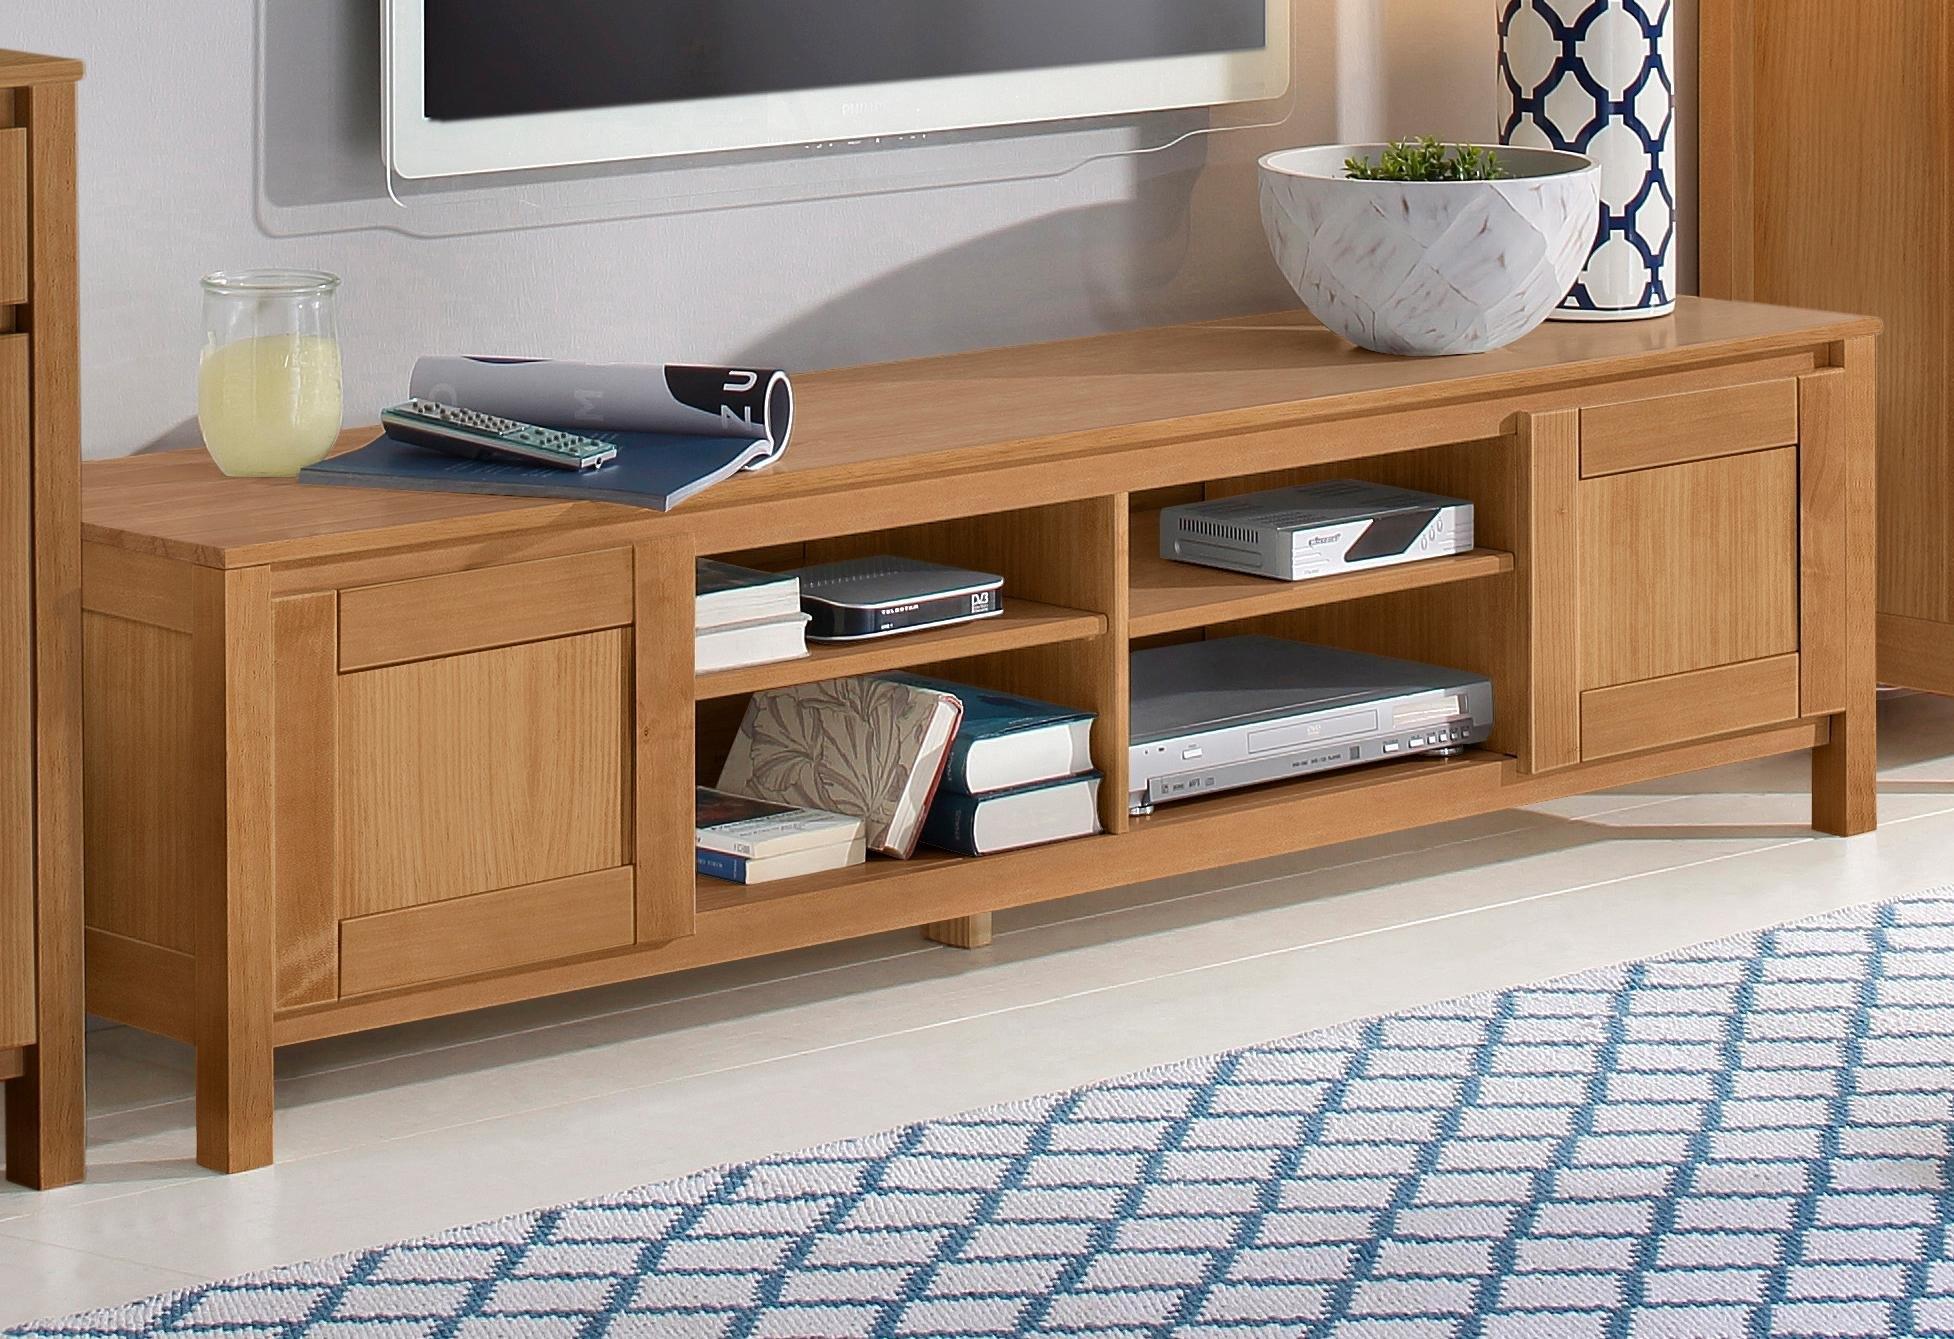 Home Affaire TV-meubel »Kubo«, breedte 180 cm in een tijdloos design nu online kopen bij OTTO